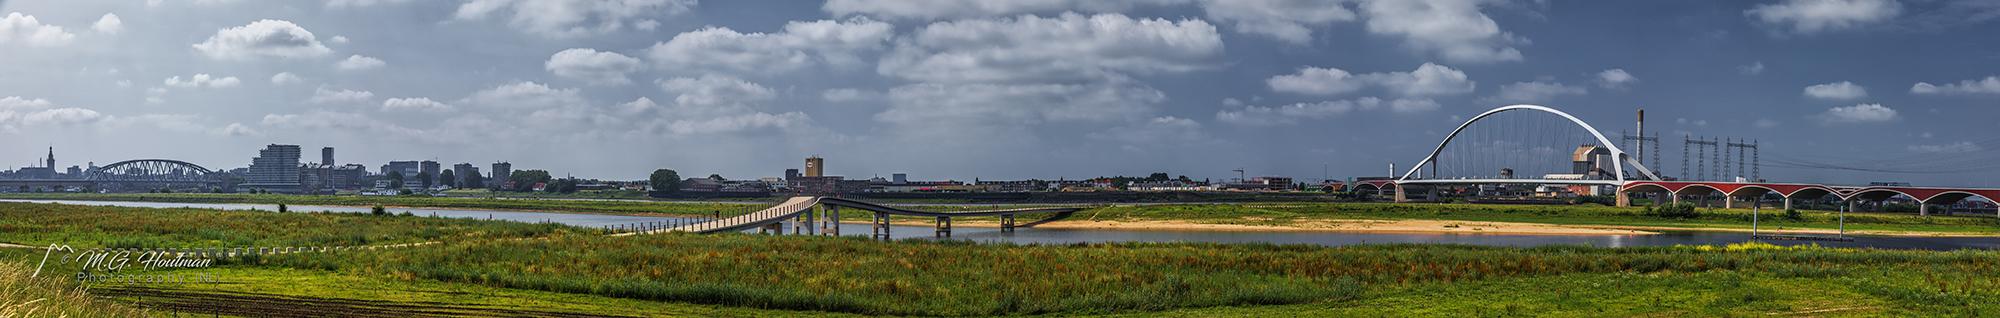 Bridges @ Spiegelwaal - Nijmegen (NL)